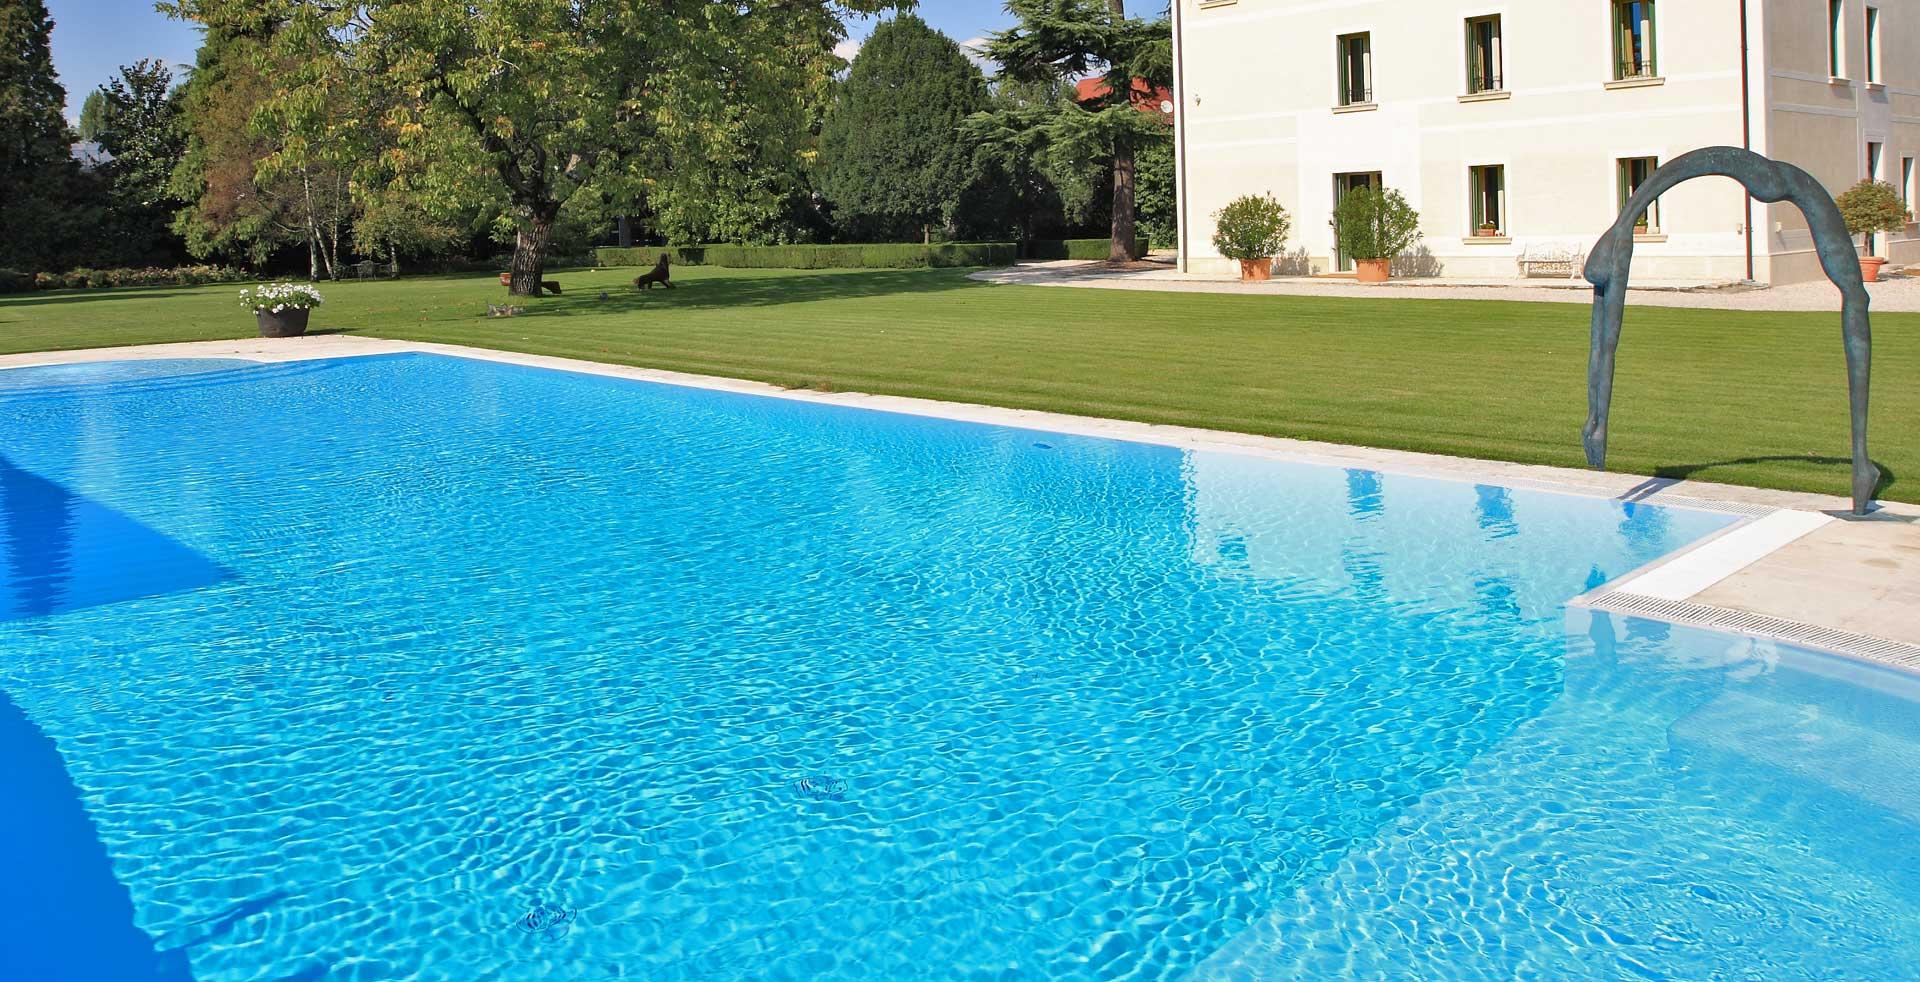 ss1-piscine-vicenza-cazzola